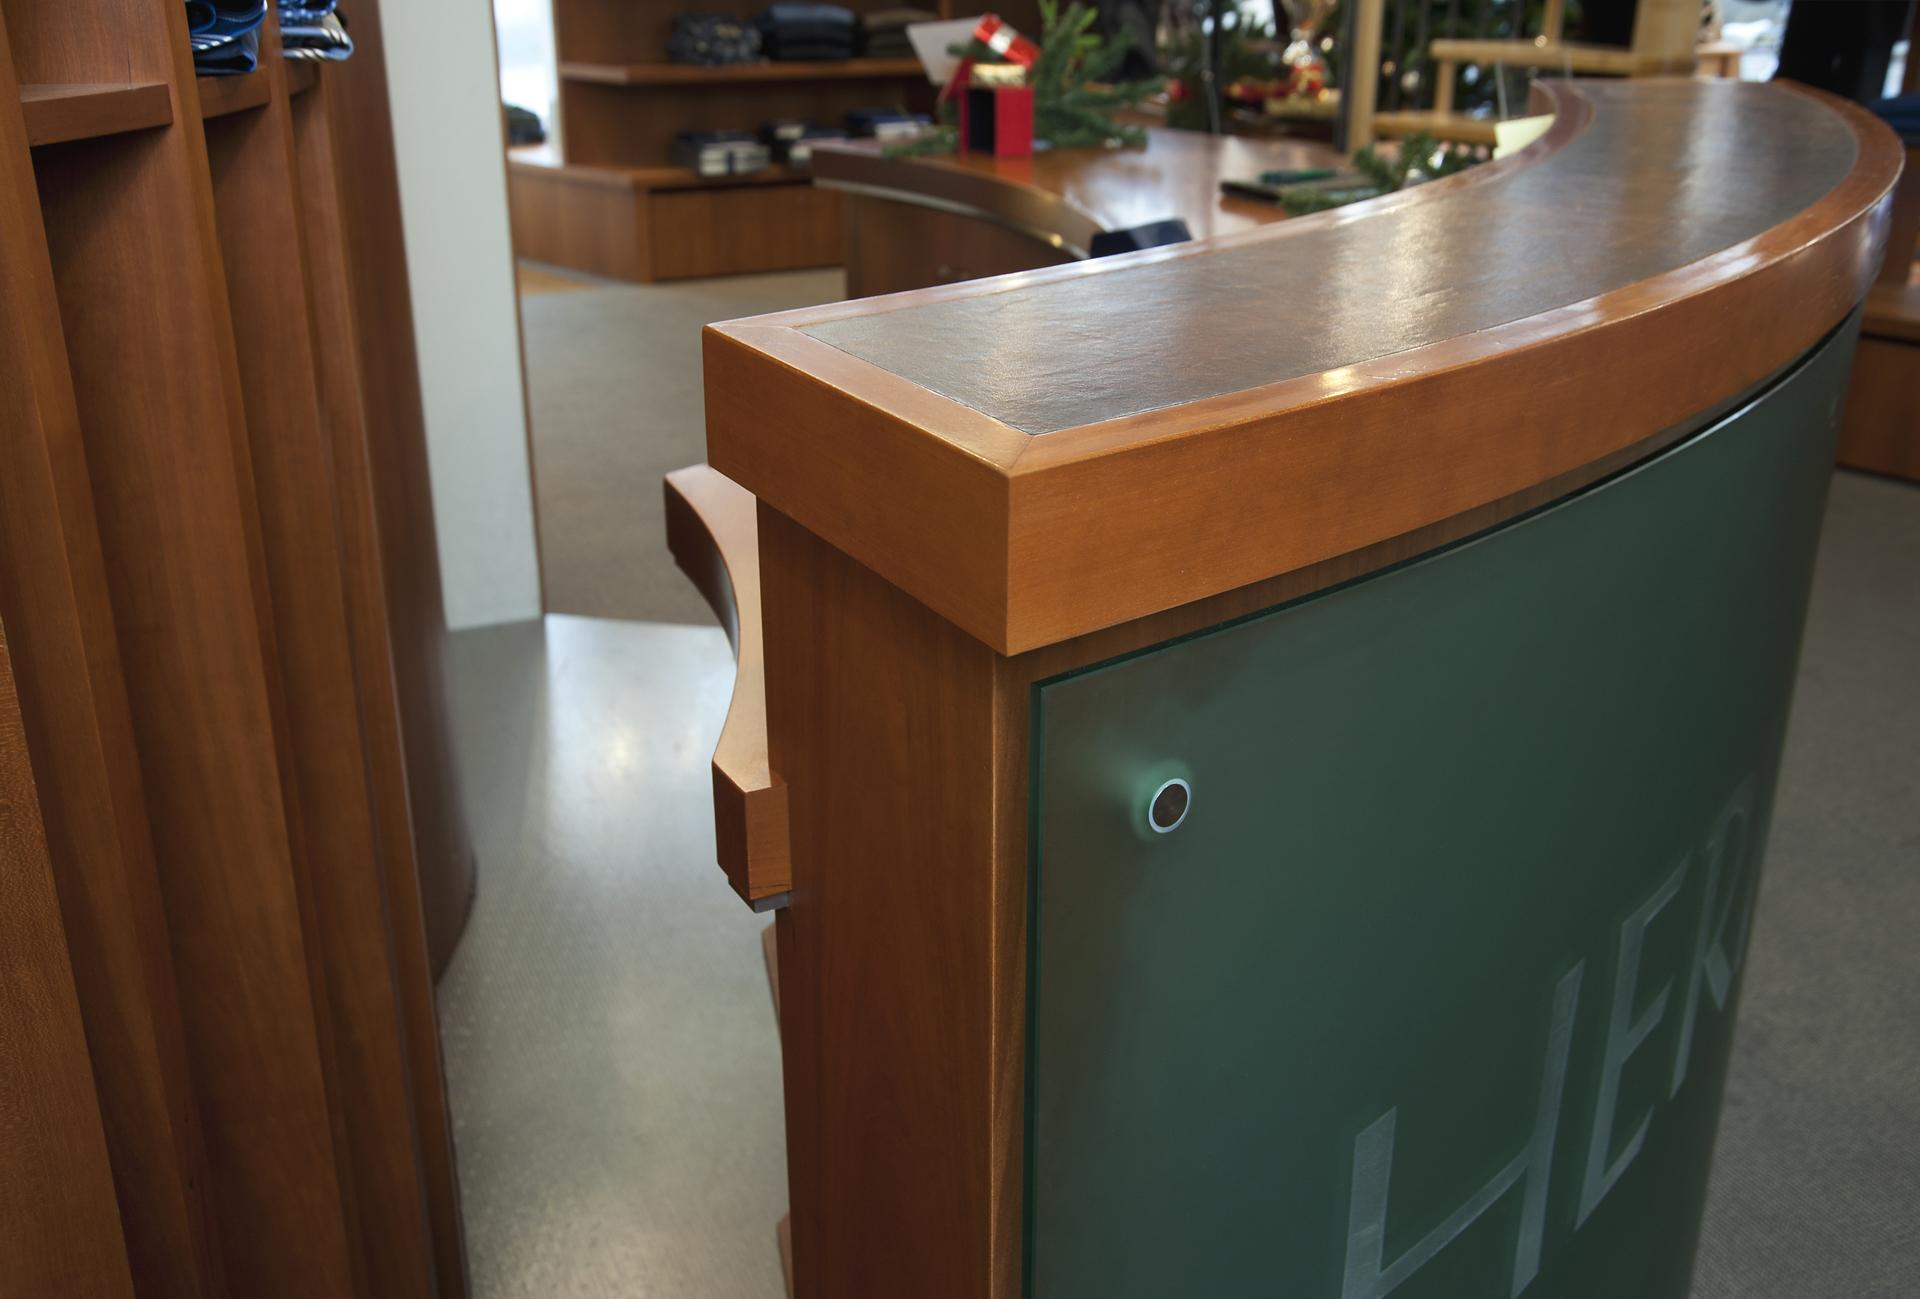 tischlerei-decker-herkert-shop-theke-detail